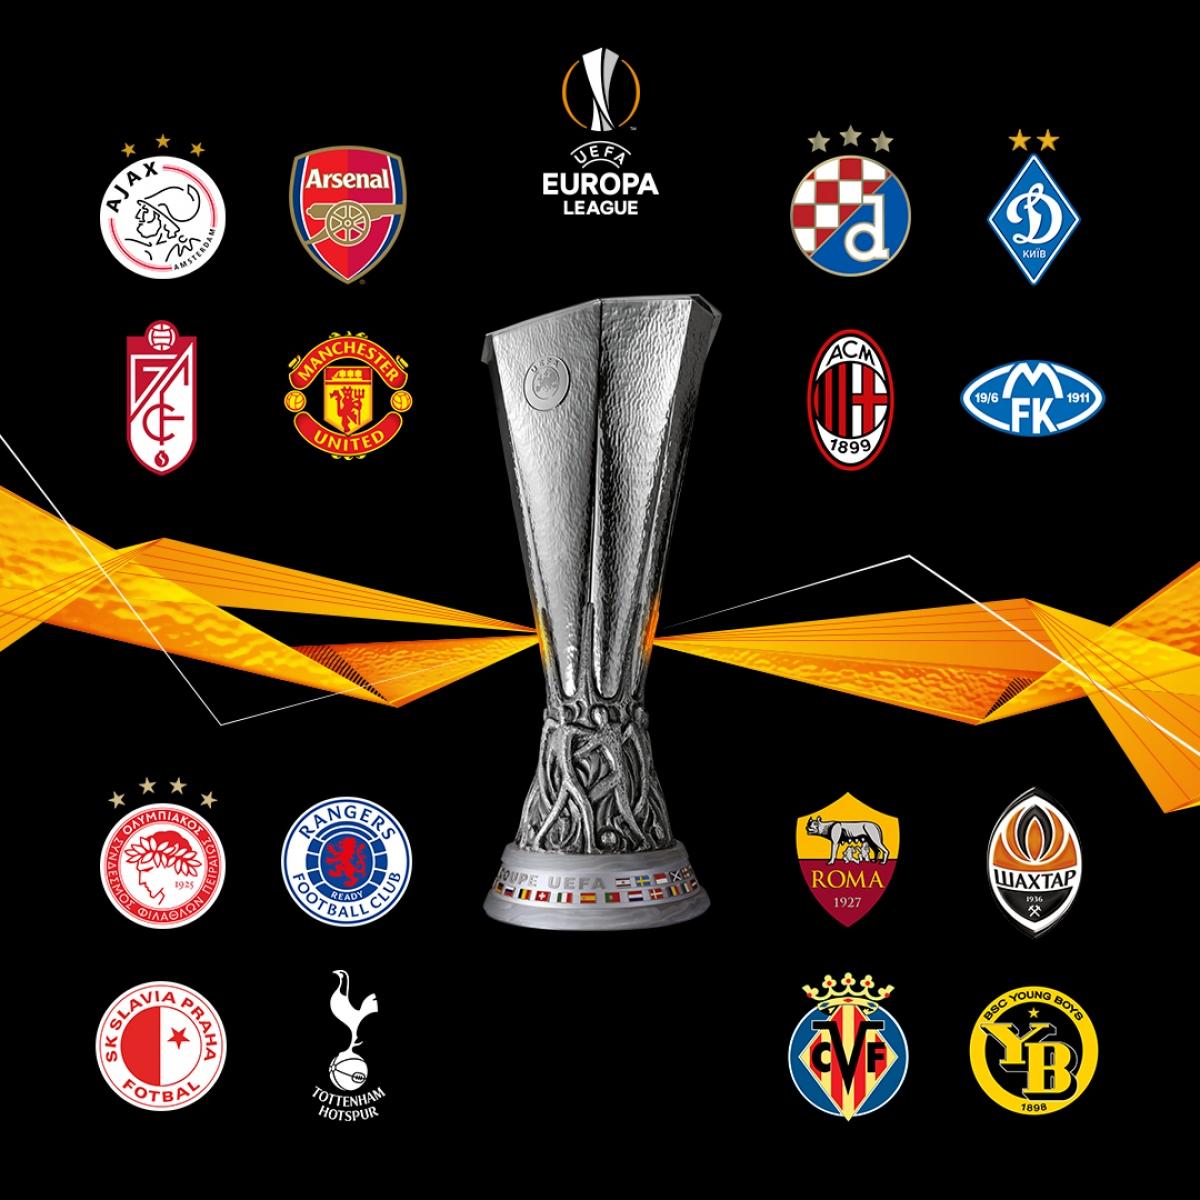 16 đội bóng giành vé đi tiếp ở Europa League 2020/2021.